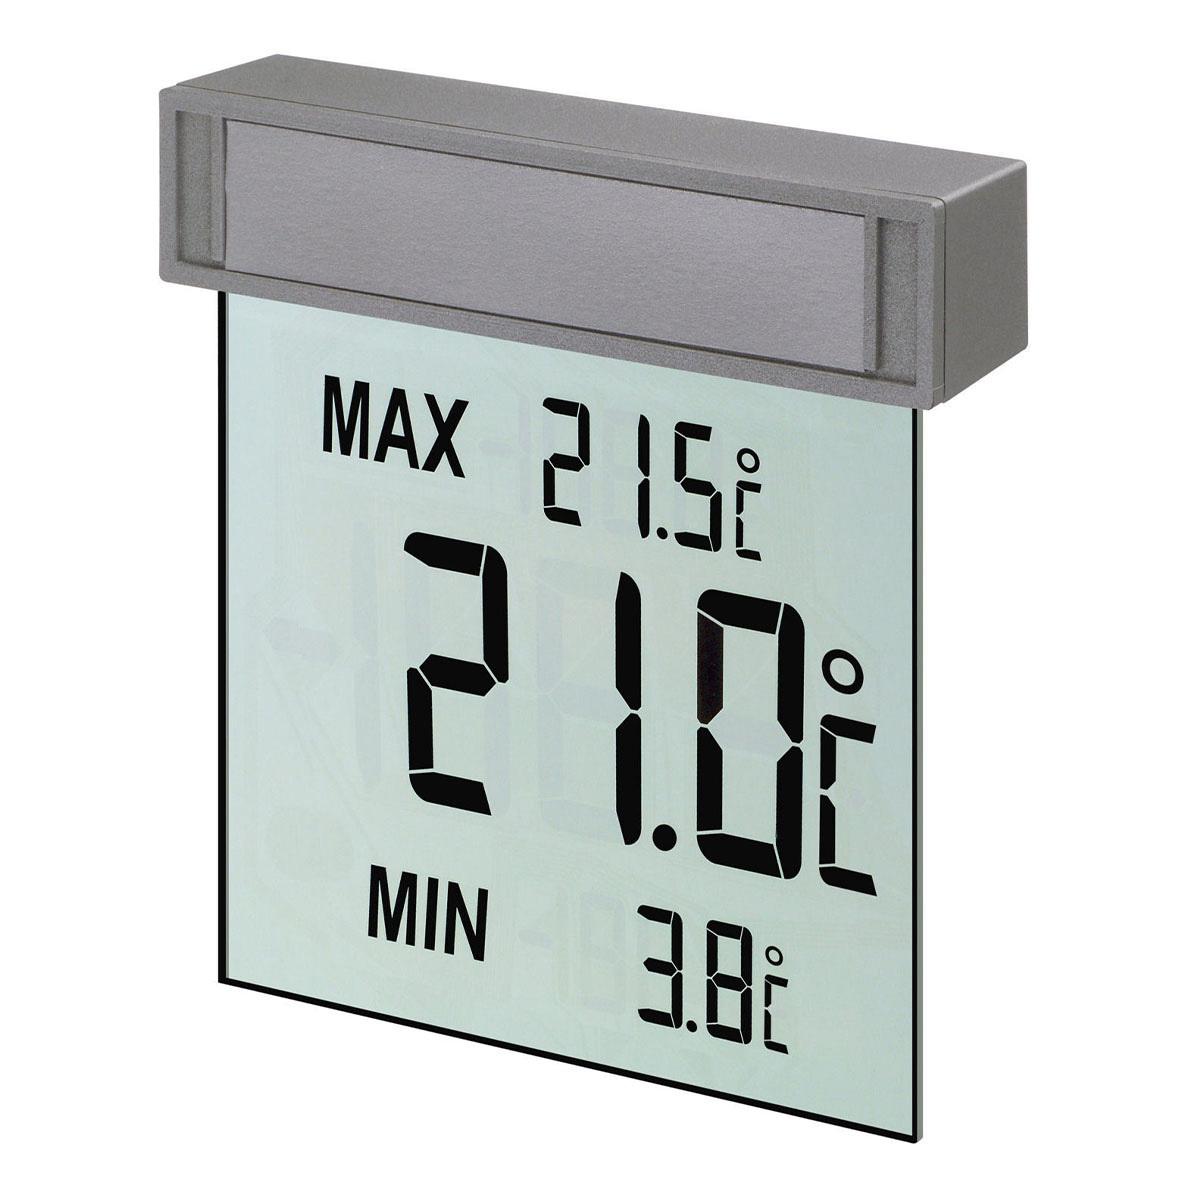 ترمومتر شیشه ای دیجیتال 30.1025